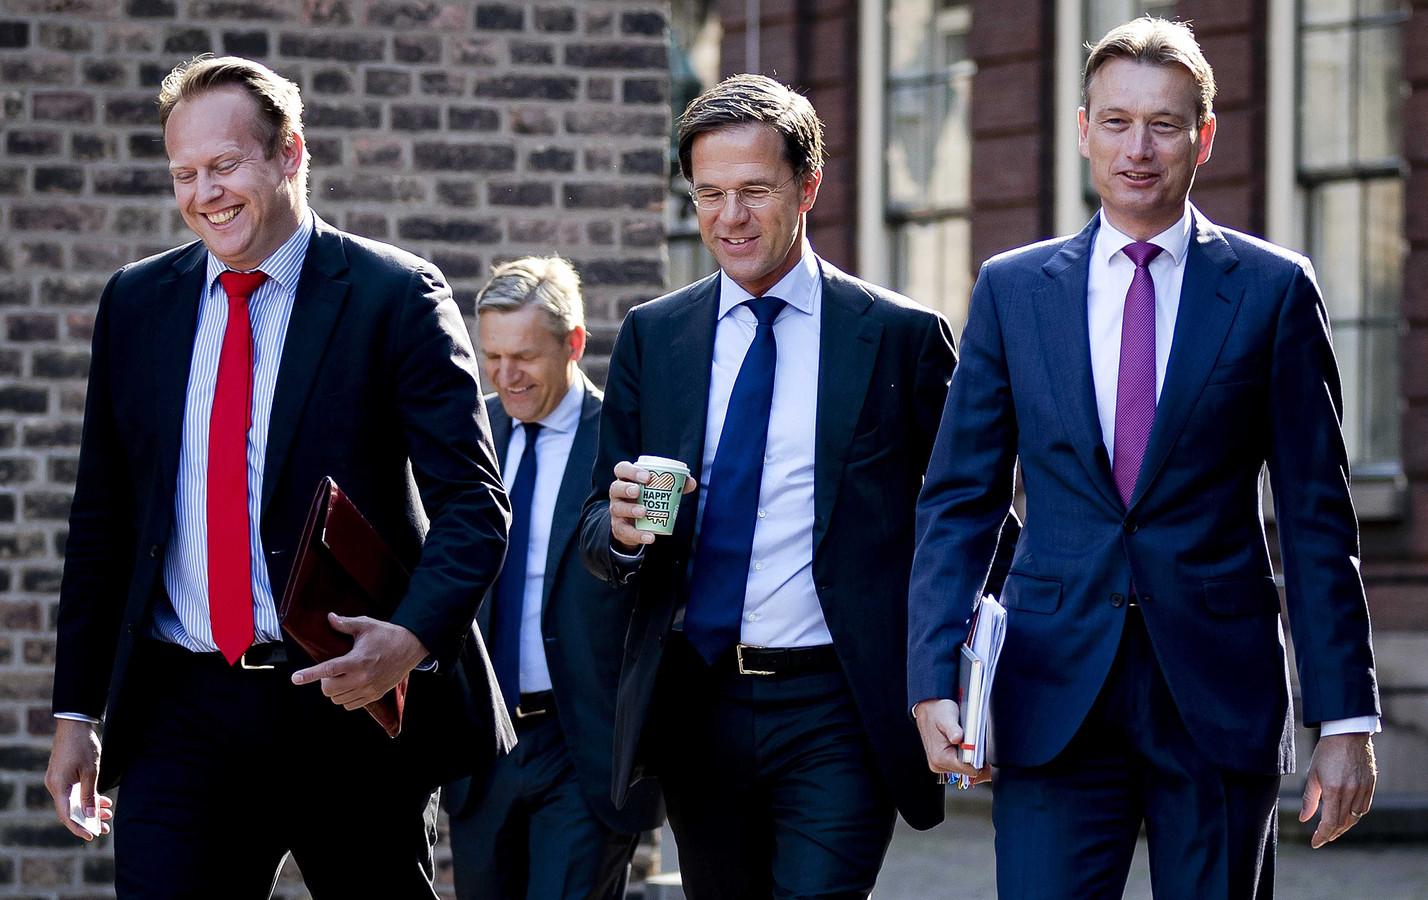 Pieter Heerma (CDA), Sybrand van Haersma Buma (CDA), Mark Rutte (VVD) en Halbe Zijlstra (VVD) komen aan op het Binnenhof voor de voorzetting van de formatiegesprekken. ANP REMKO DE WAAL